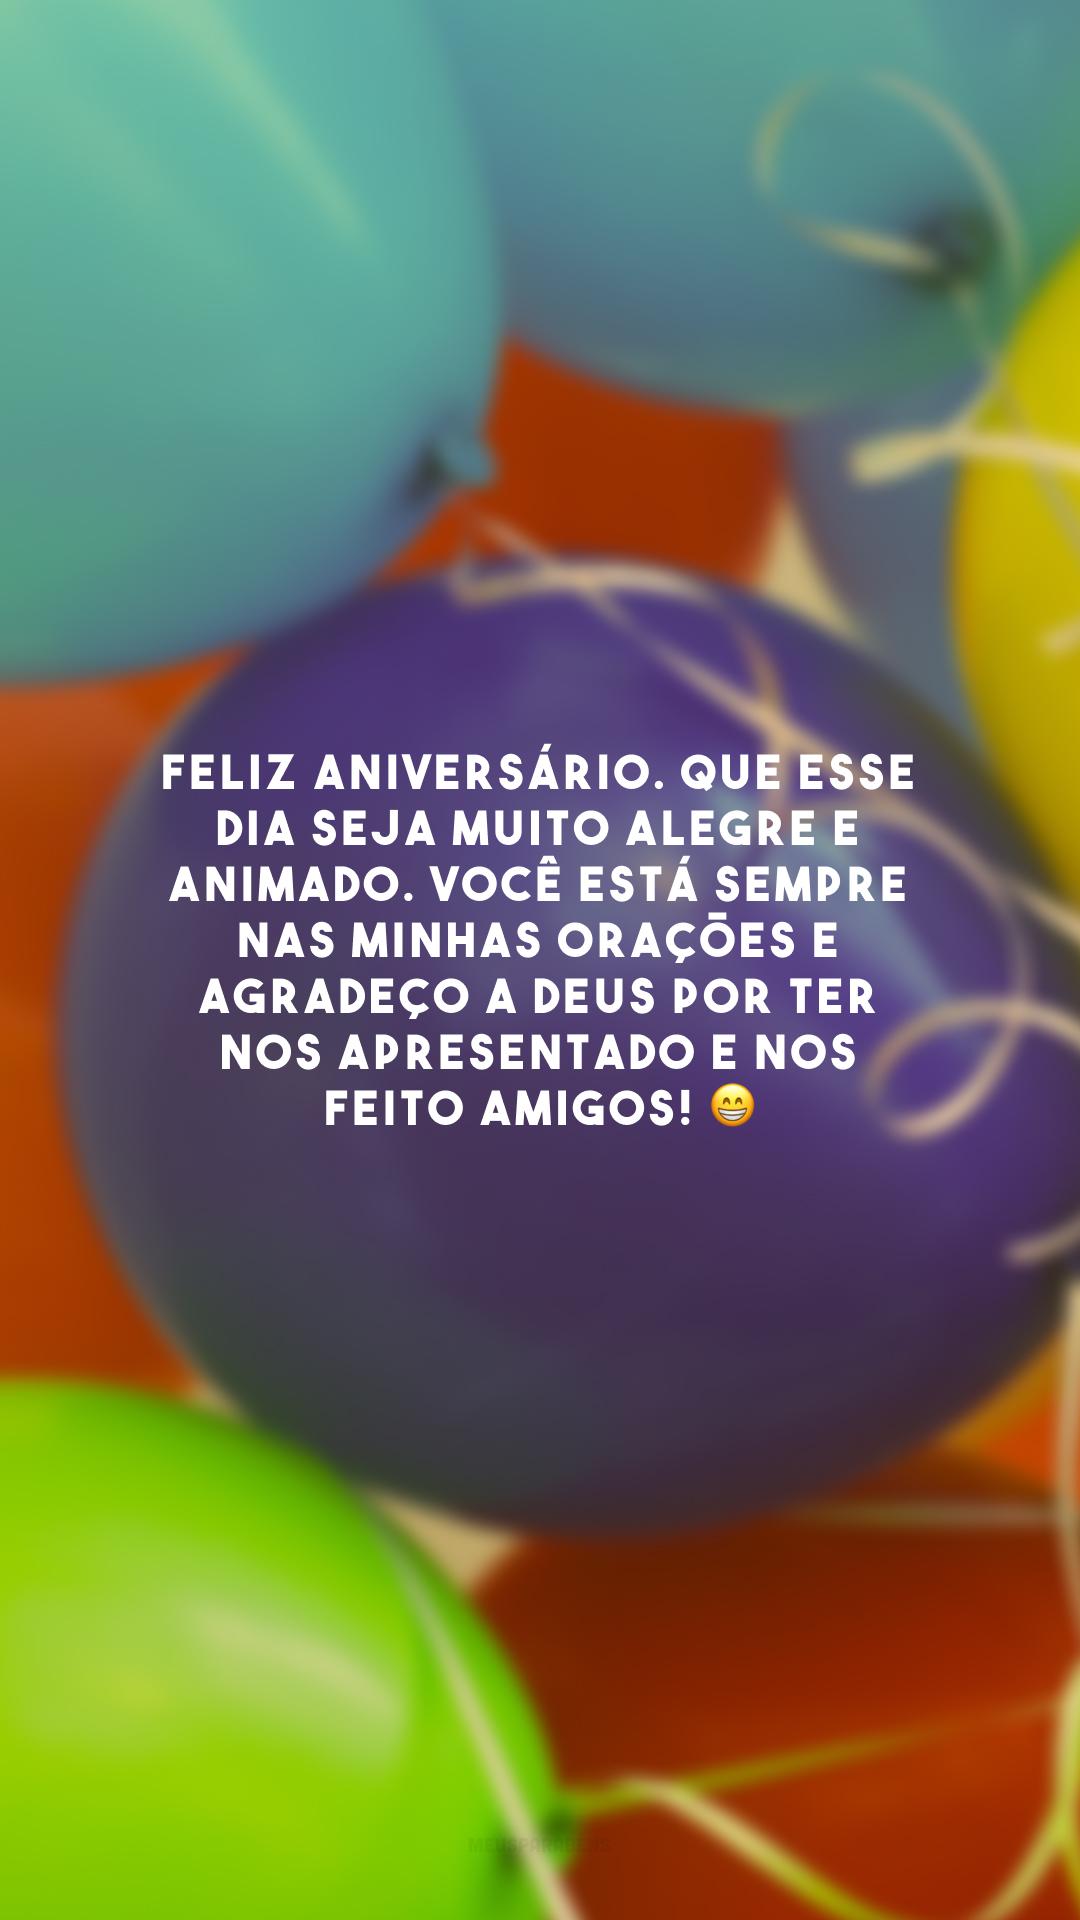 Feliz aniversário. Que esse dia seja muito alegre e animado. Você está sempre nas minhas orações e agradeço a Deus por ter nos apresentado e nos feito amigos! 😁